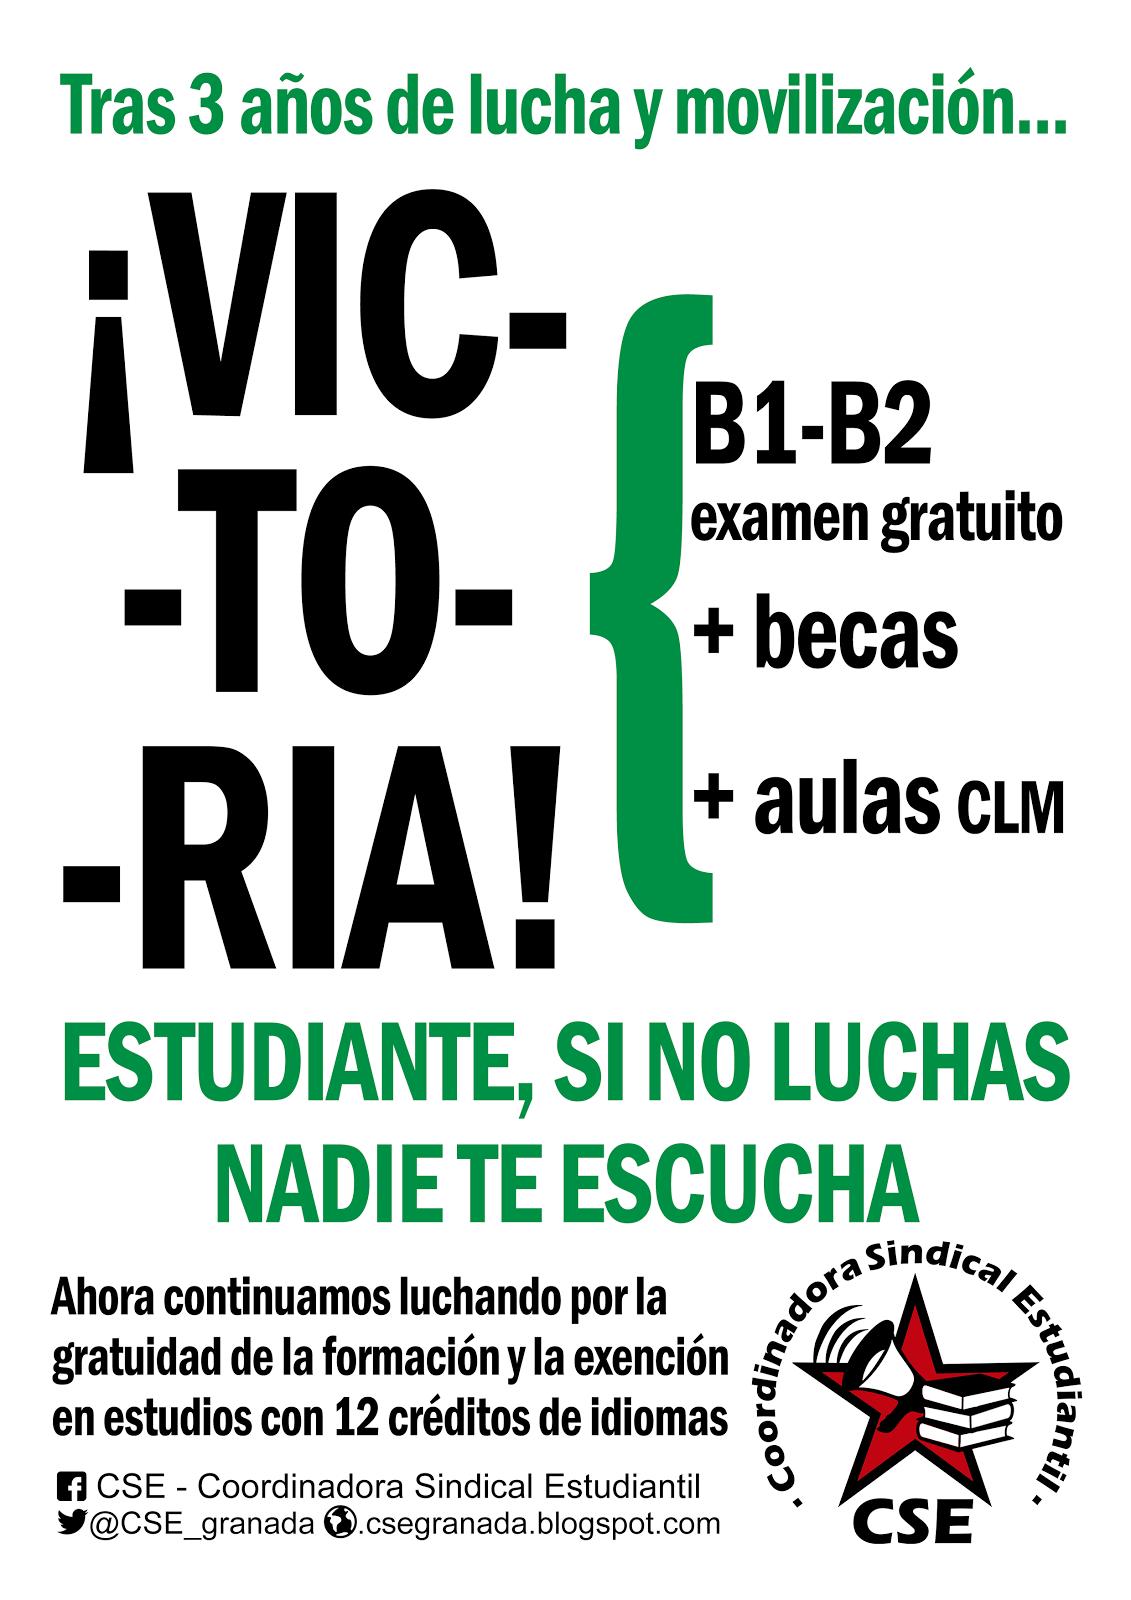 ¡Victoria! B1-B2 gratuito